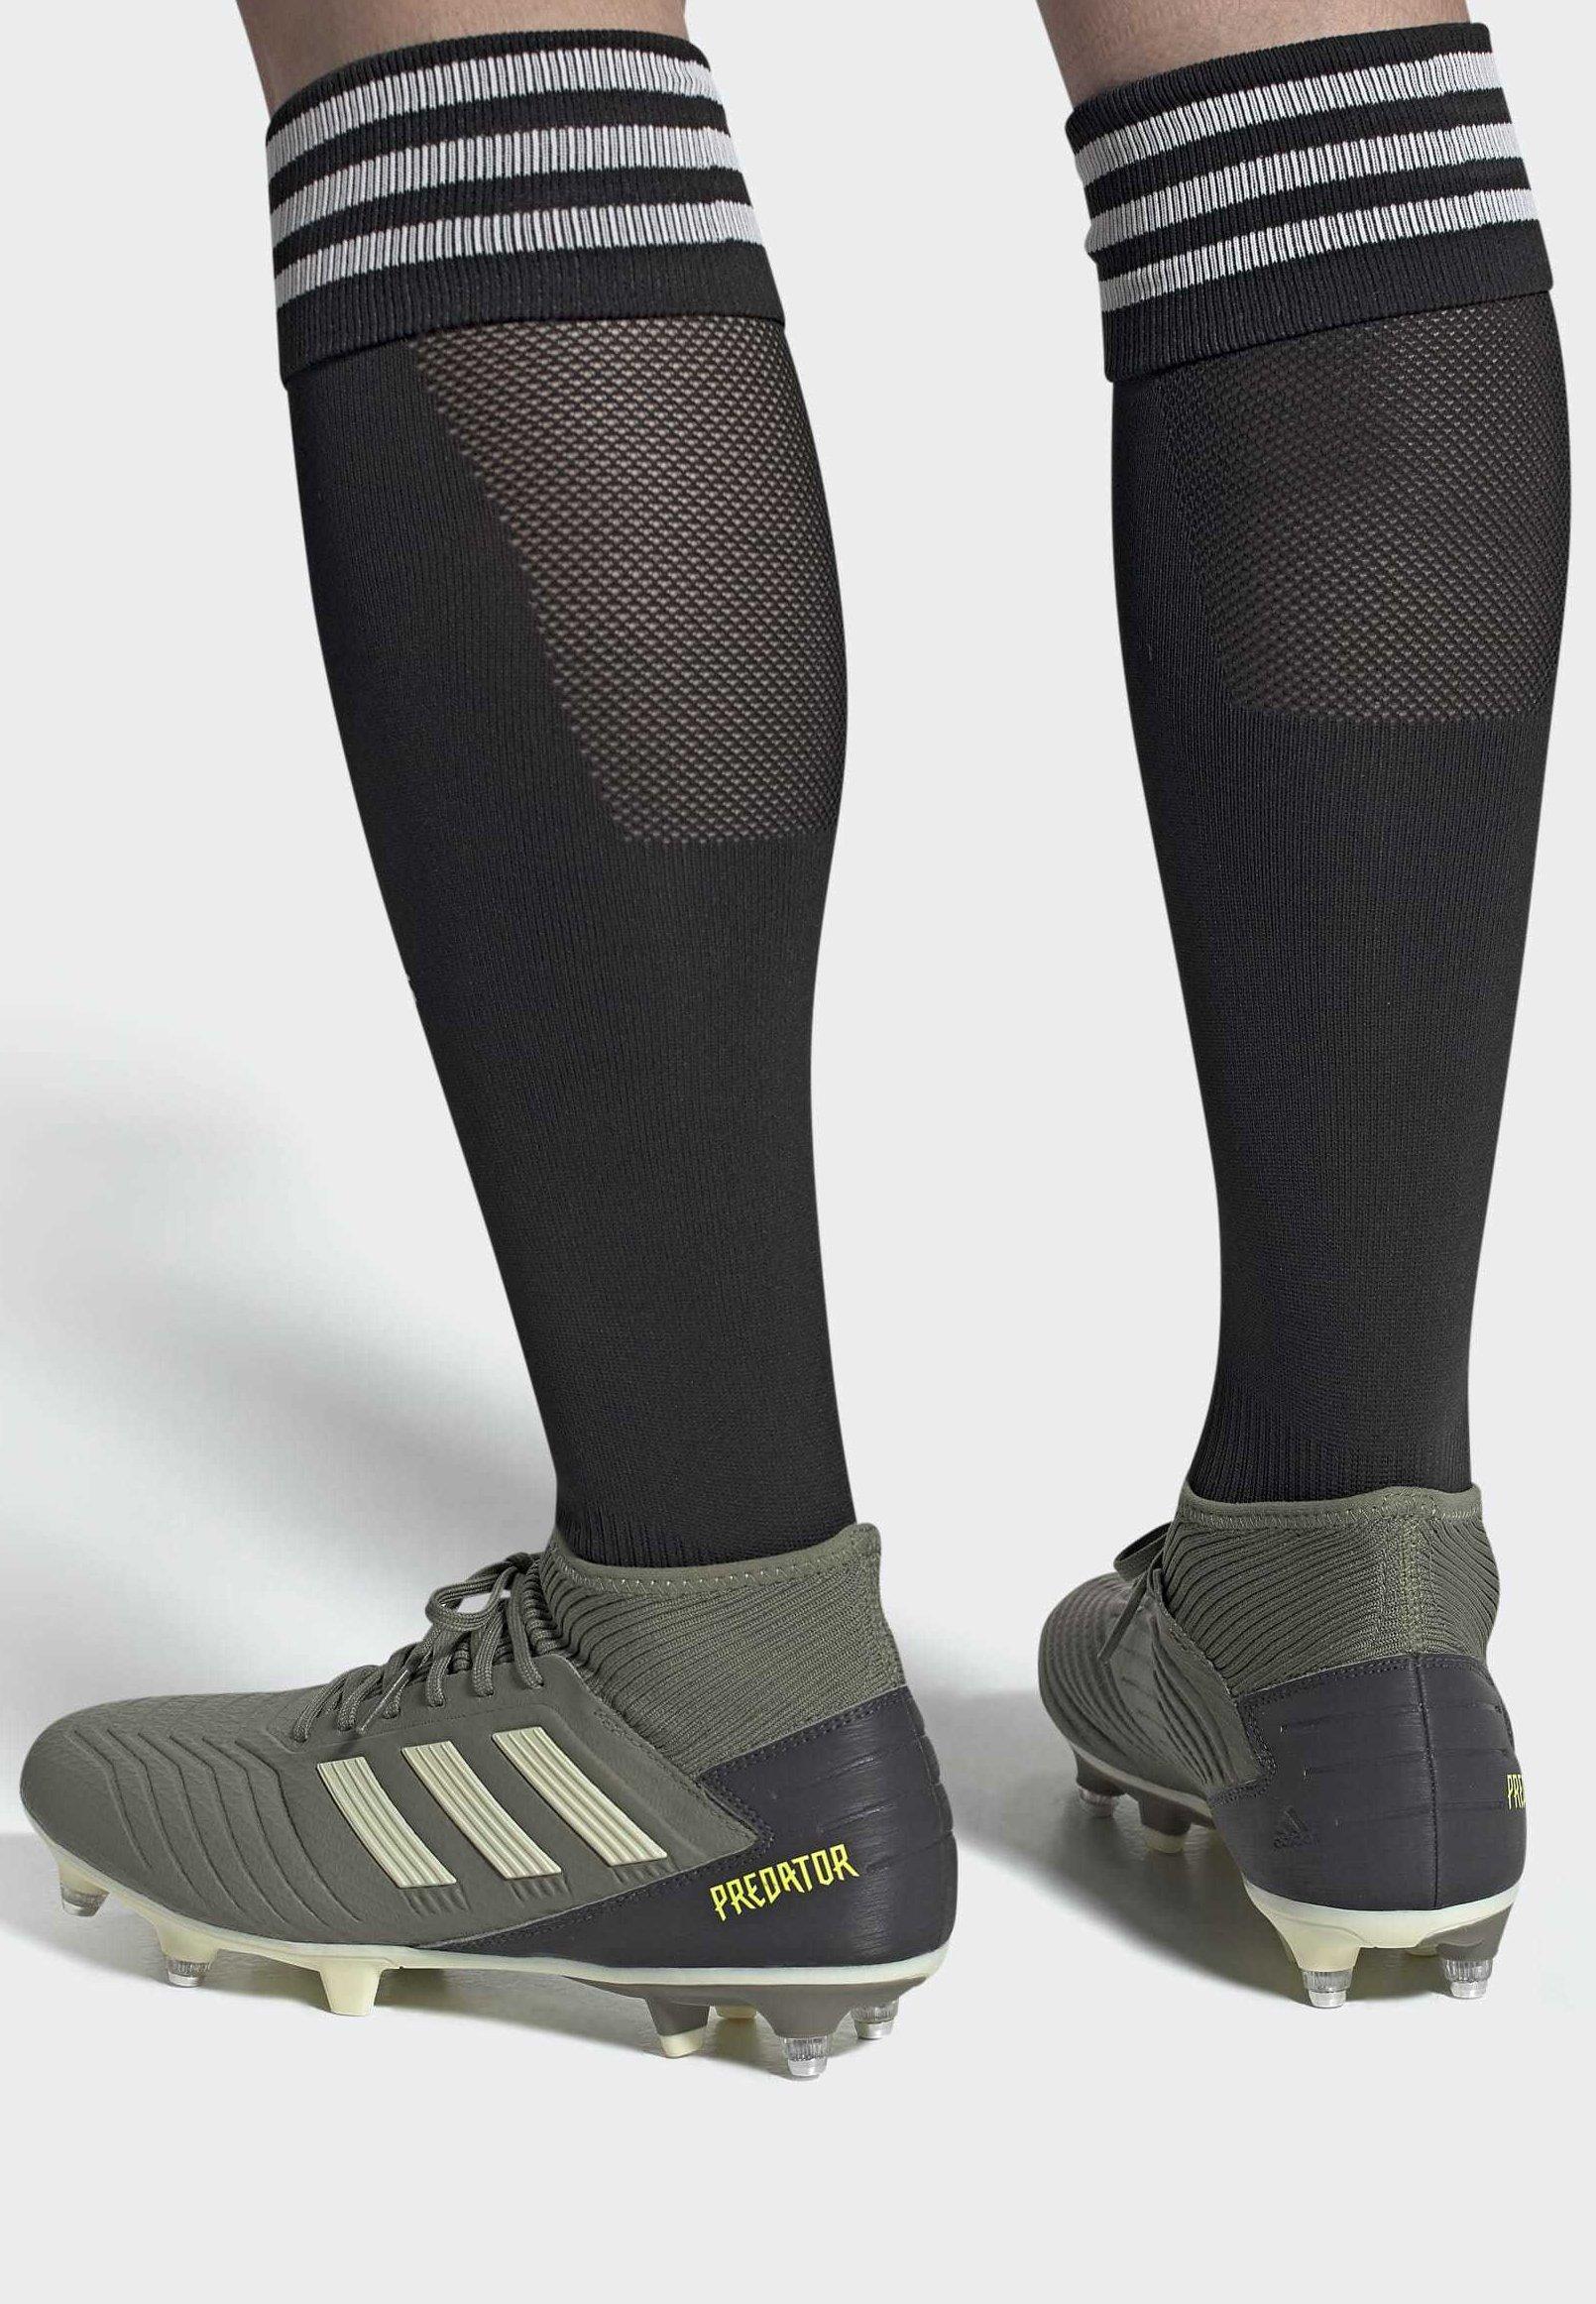 Szybka Dostawa Obuwie damskie adidas Performance PREDATOR 19.3 Korki wkręty grey